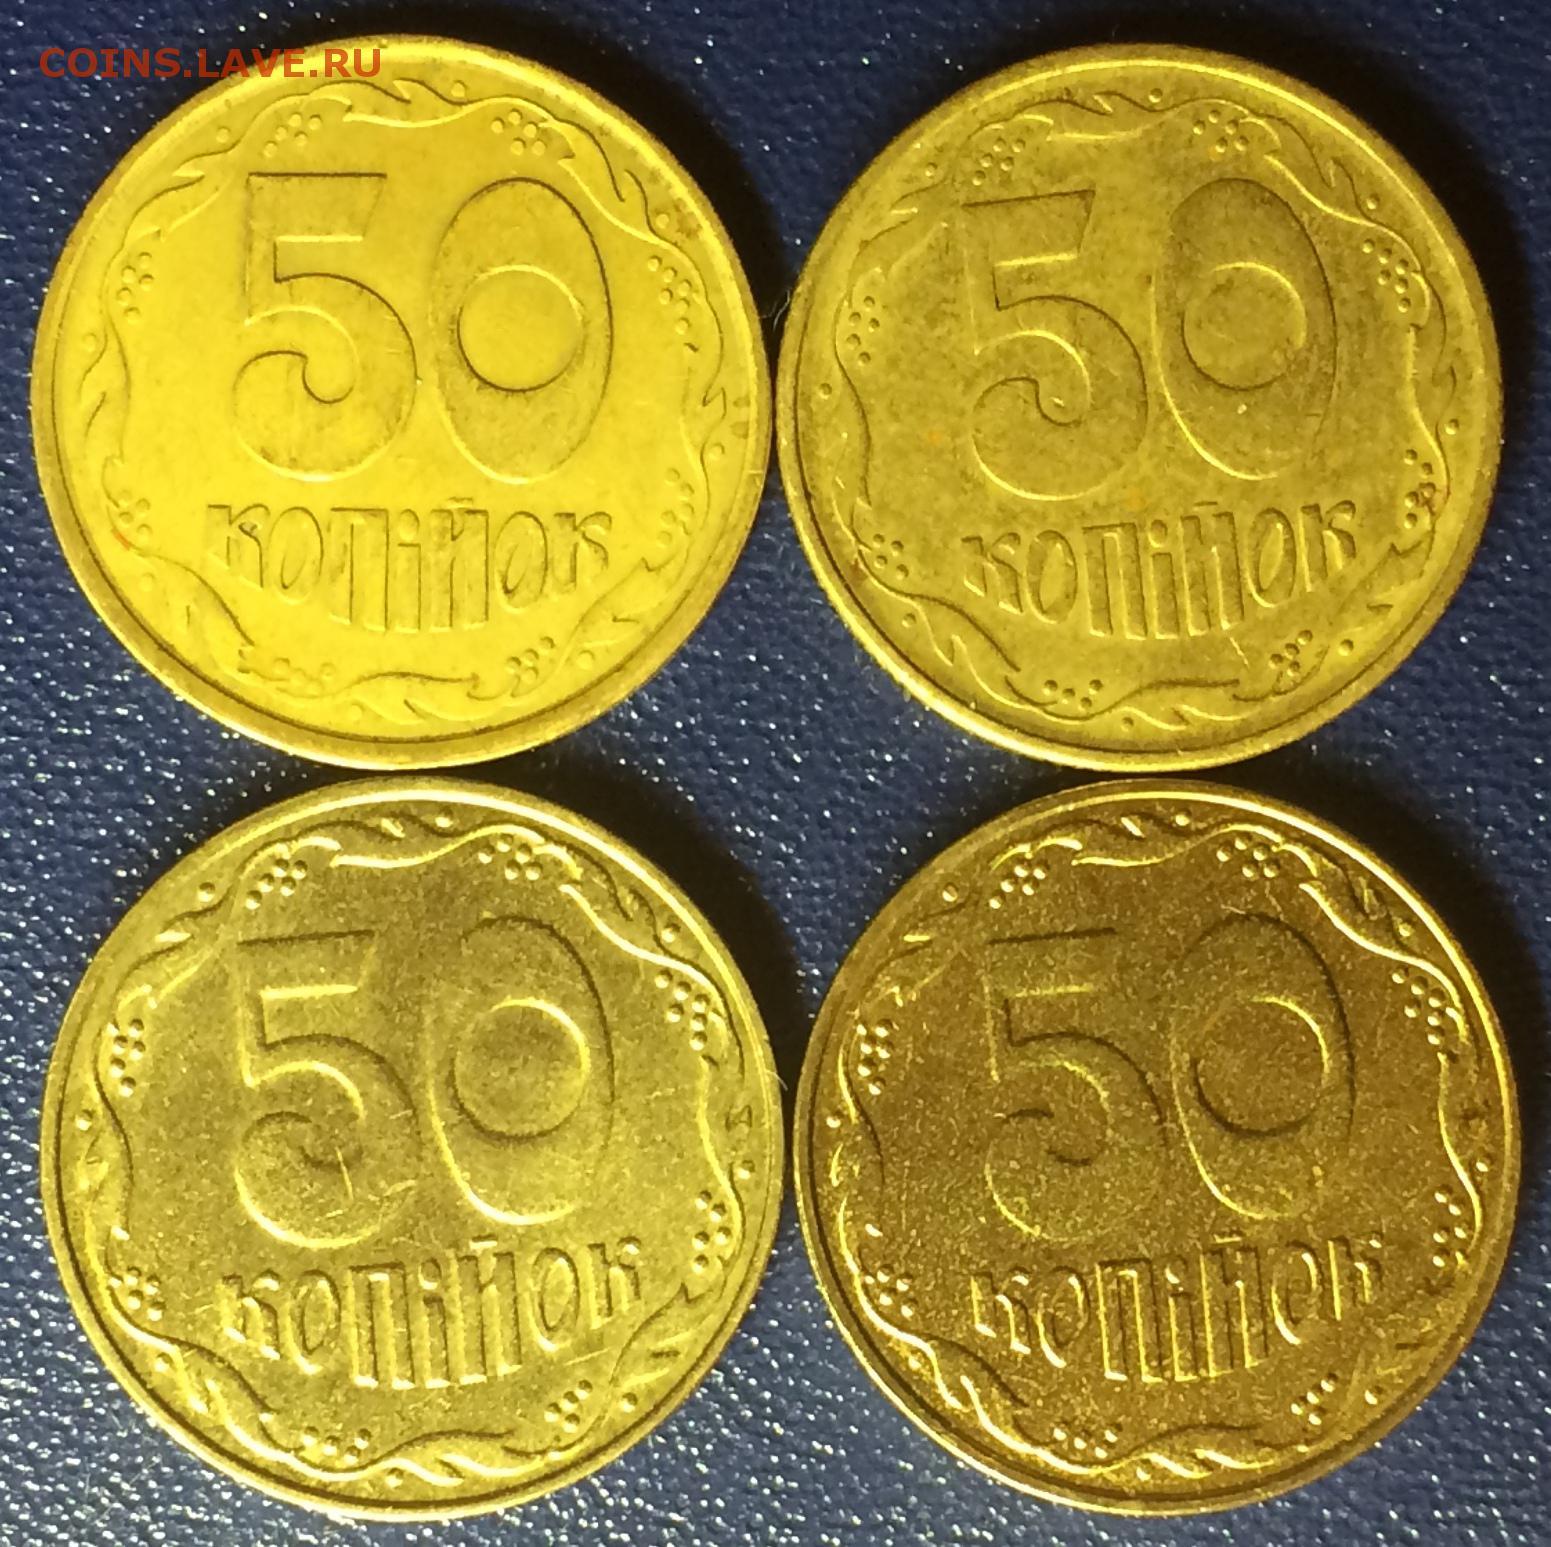 ukrainskie-moneti